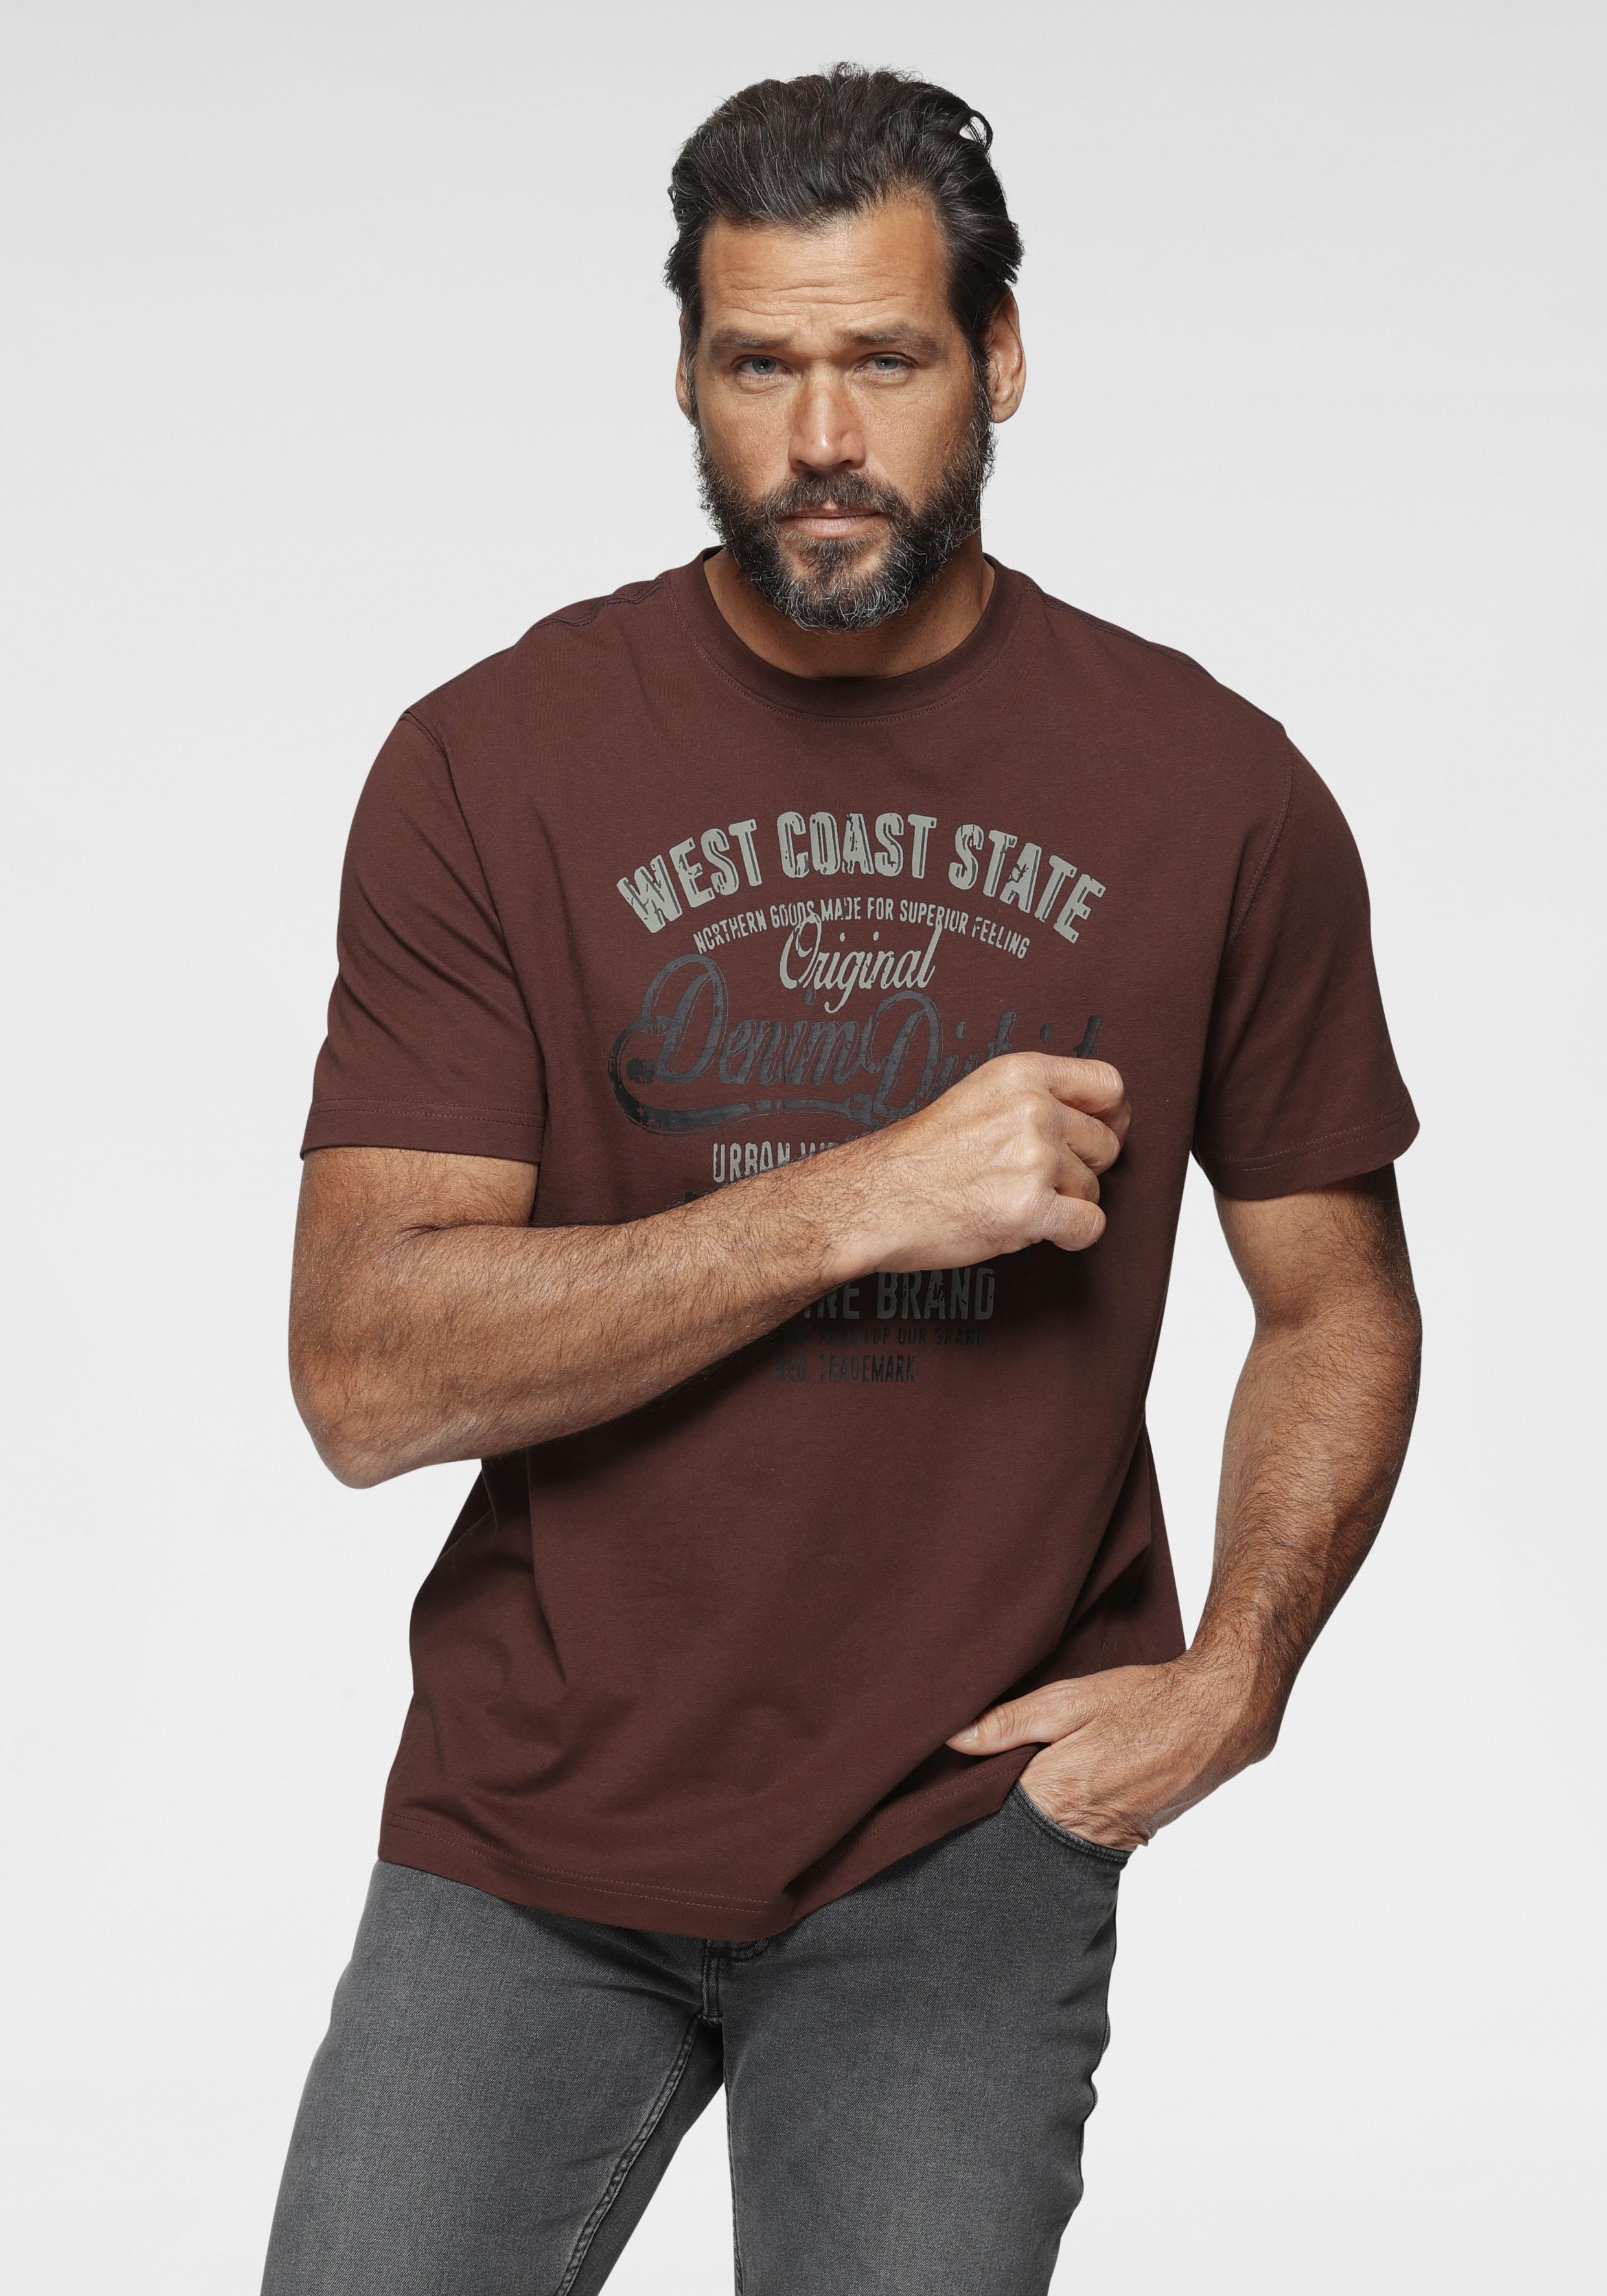 mans world - Man's World T-Shirt